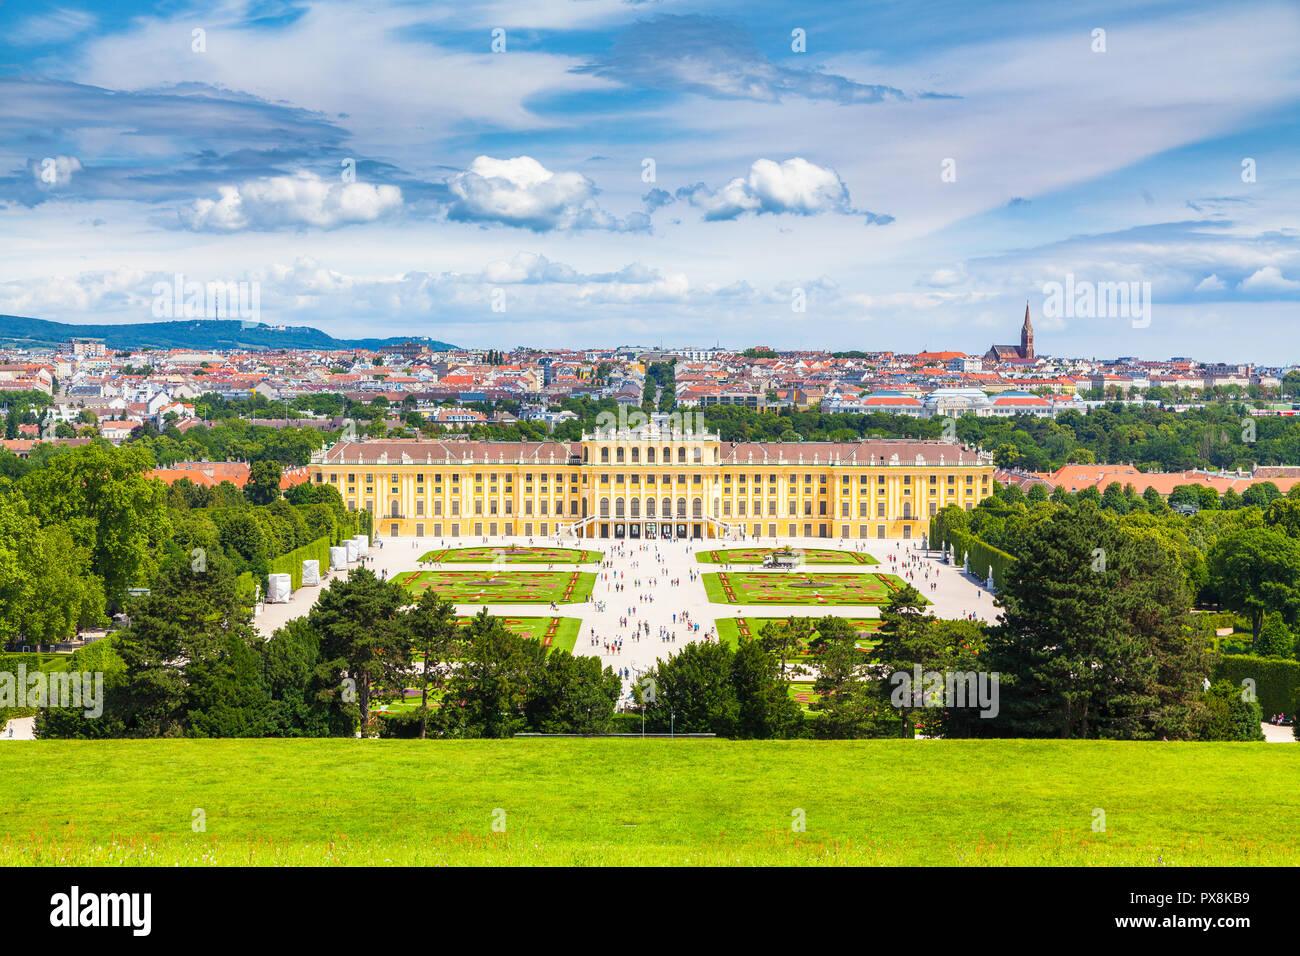 Vista clásica del palacio de Schonbrunn con vistas panorámicas del Gran Jardín del Parterre en un hermoso día soleado con el cielo azul y las nubes en verano, Viena Foto de stock